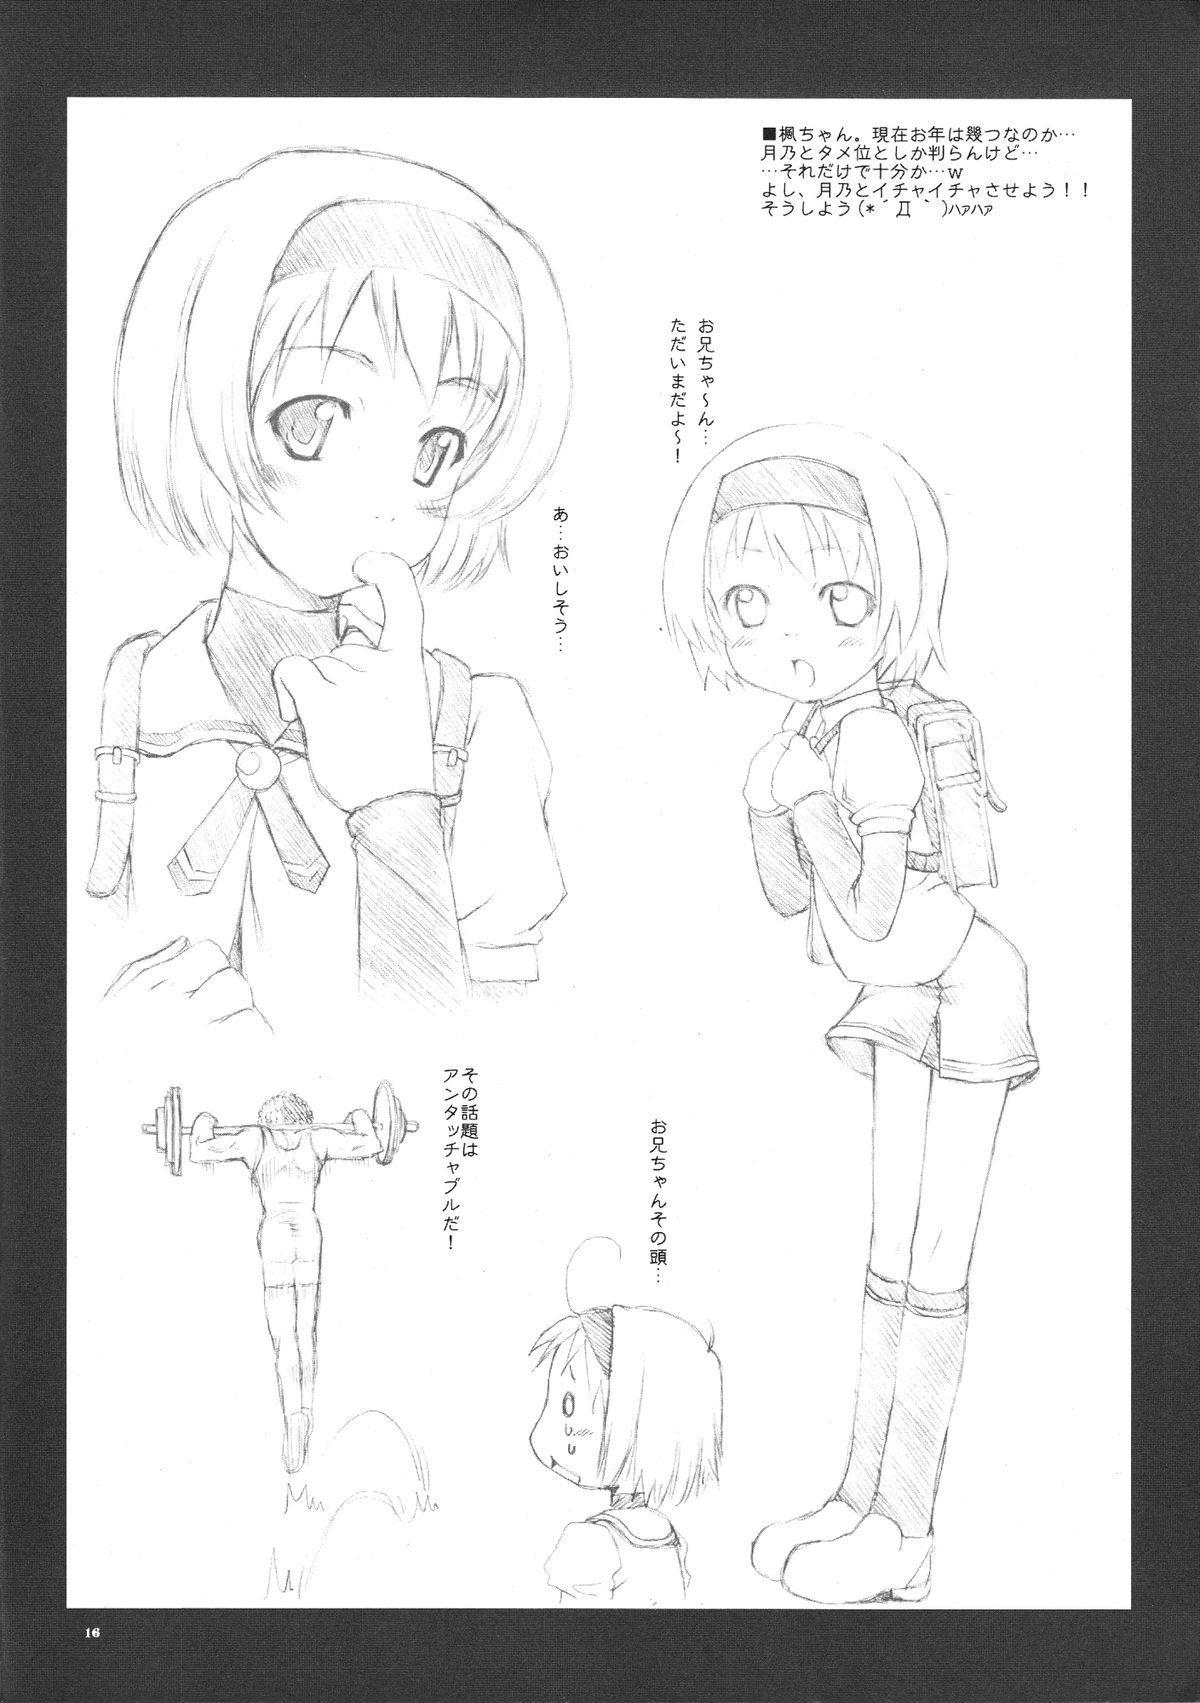 Tsuki no hikari 16